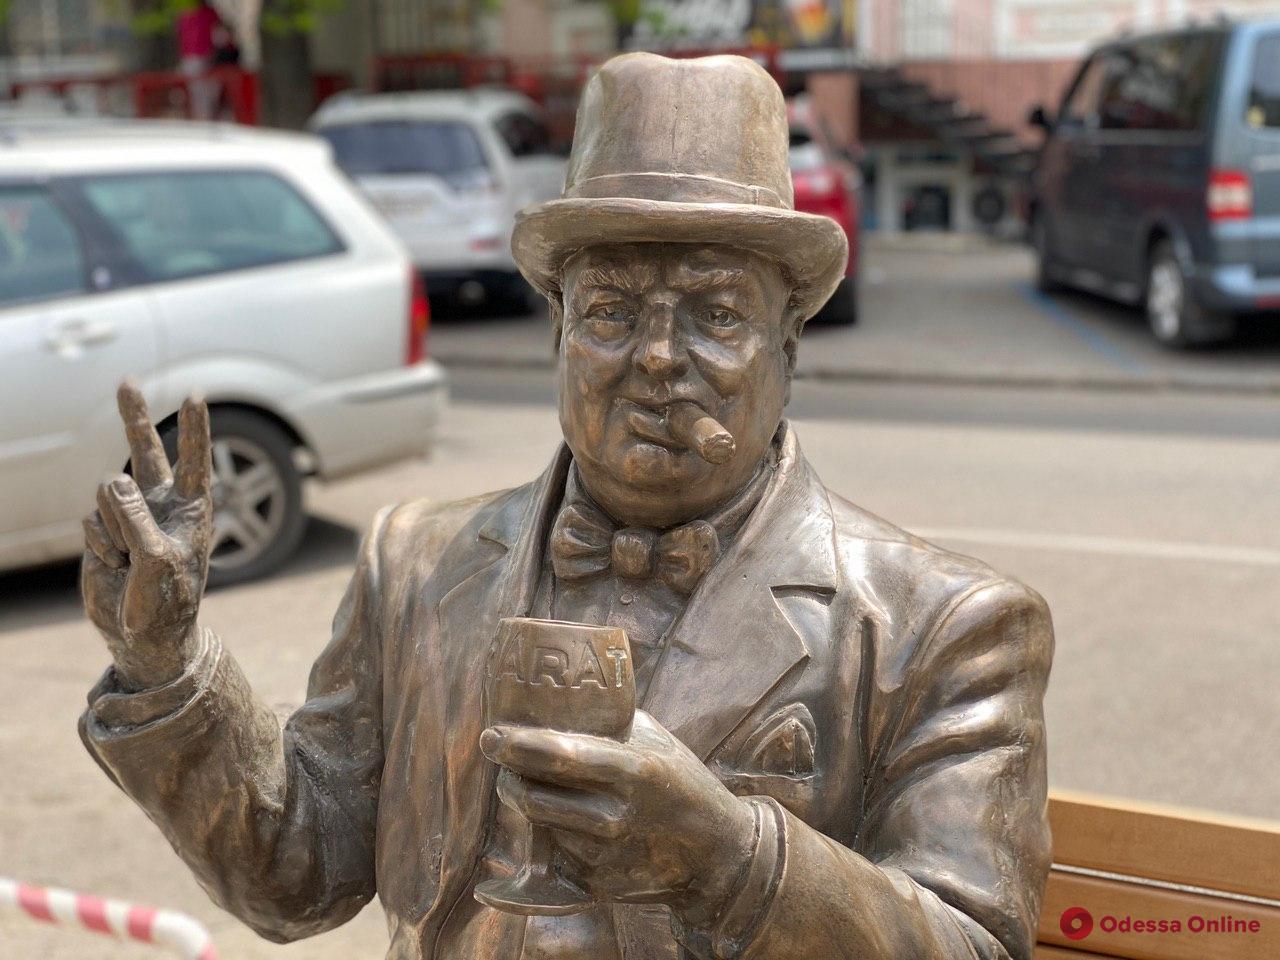 Уинстон Черчилль, Орнелла Мути и Фрунзик Мкртчян: мировые звезды на одесском рынке (фото)